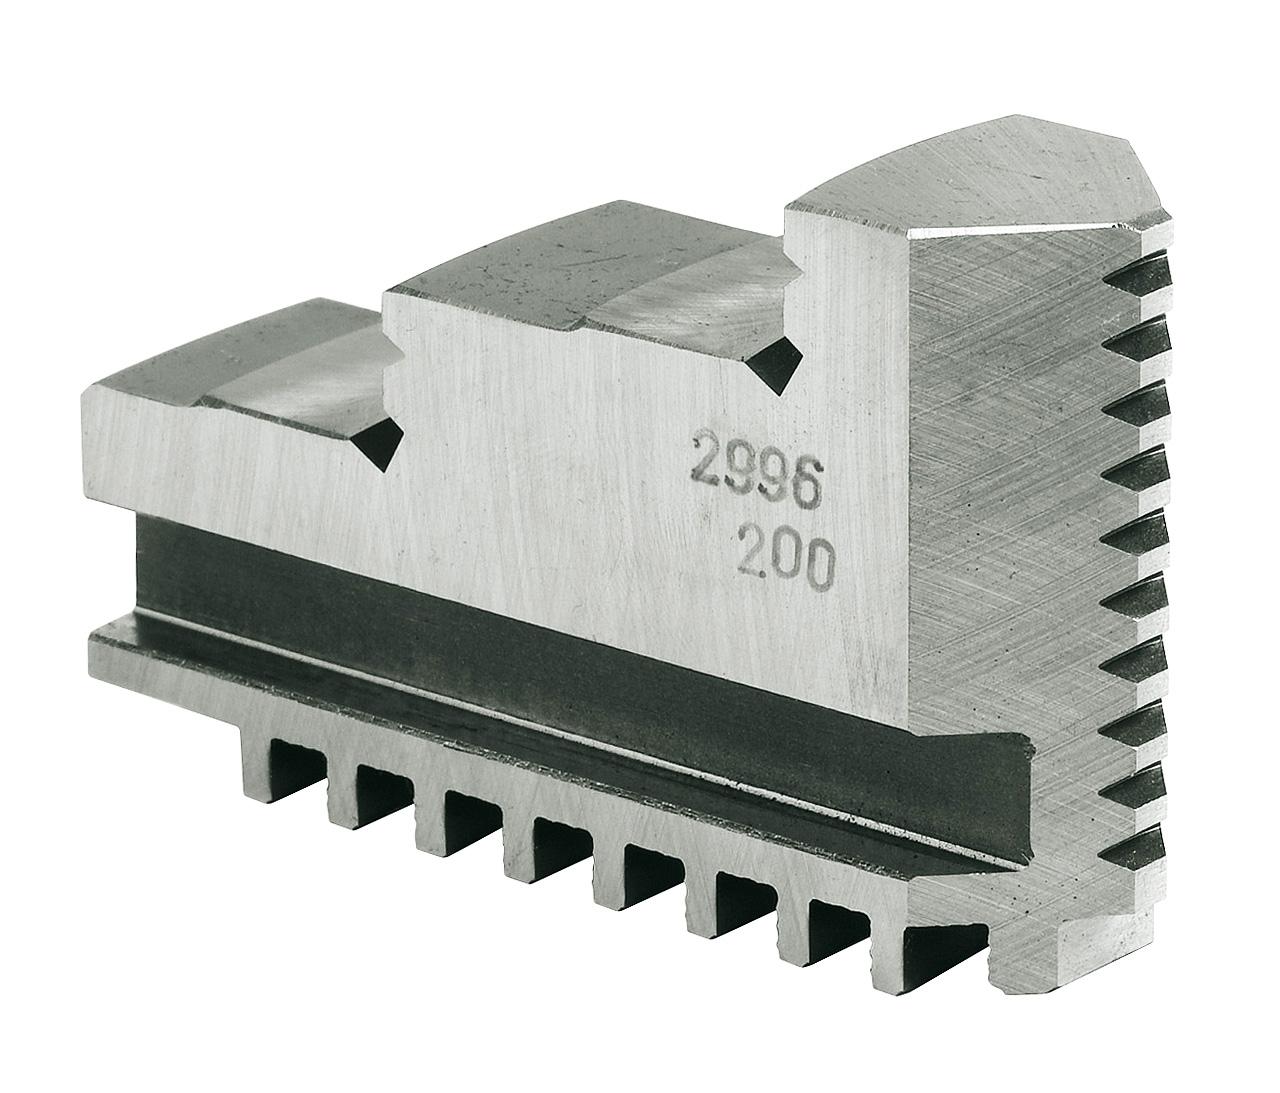 Szczęki jednolite twarde zewnętrzne - komplet DOJ-DK12-80 BERNARDO